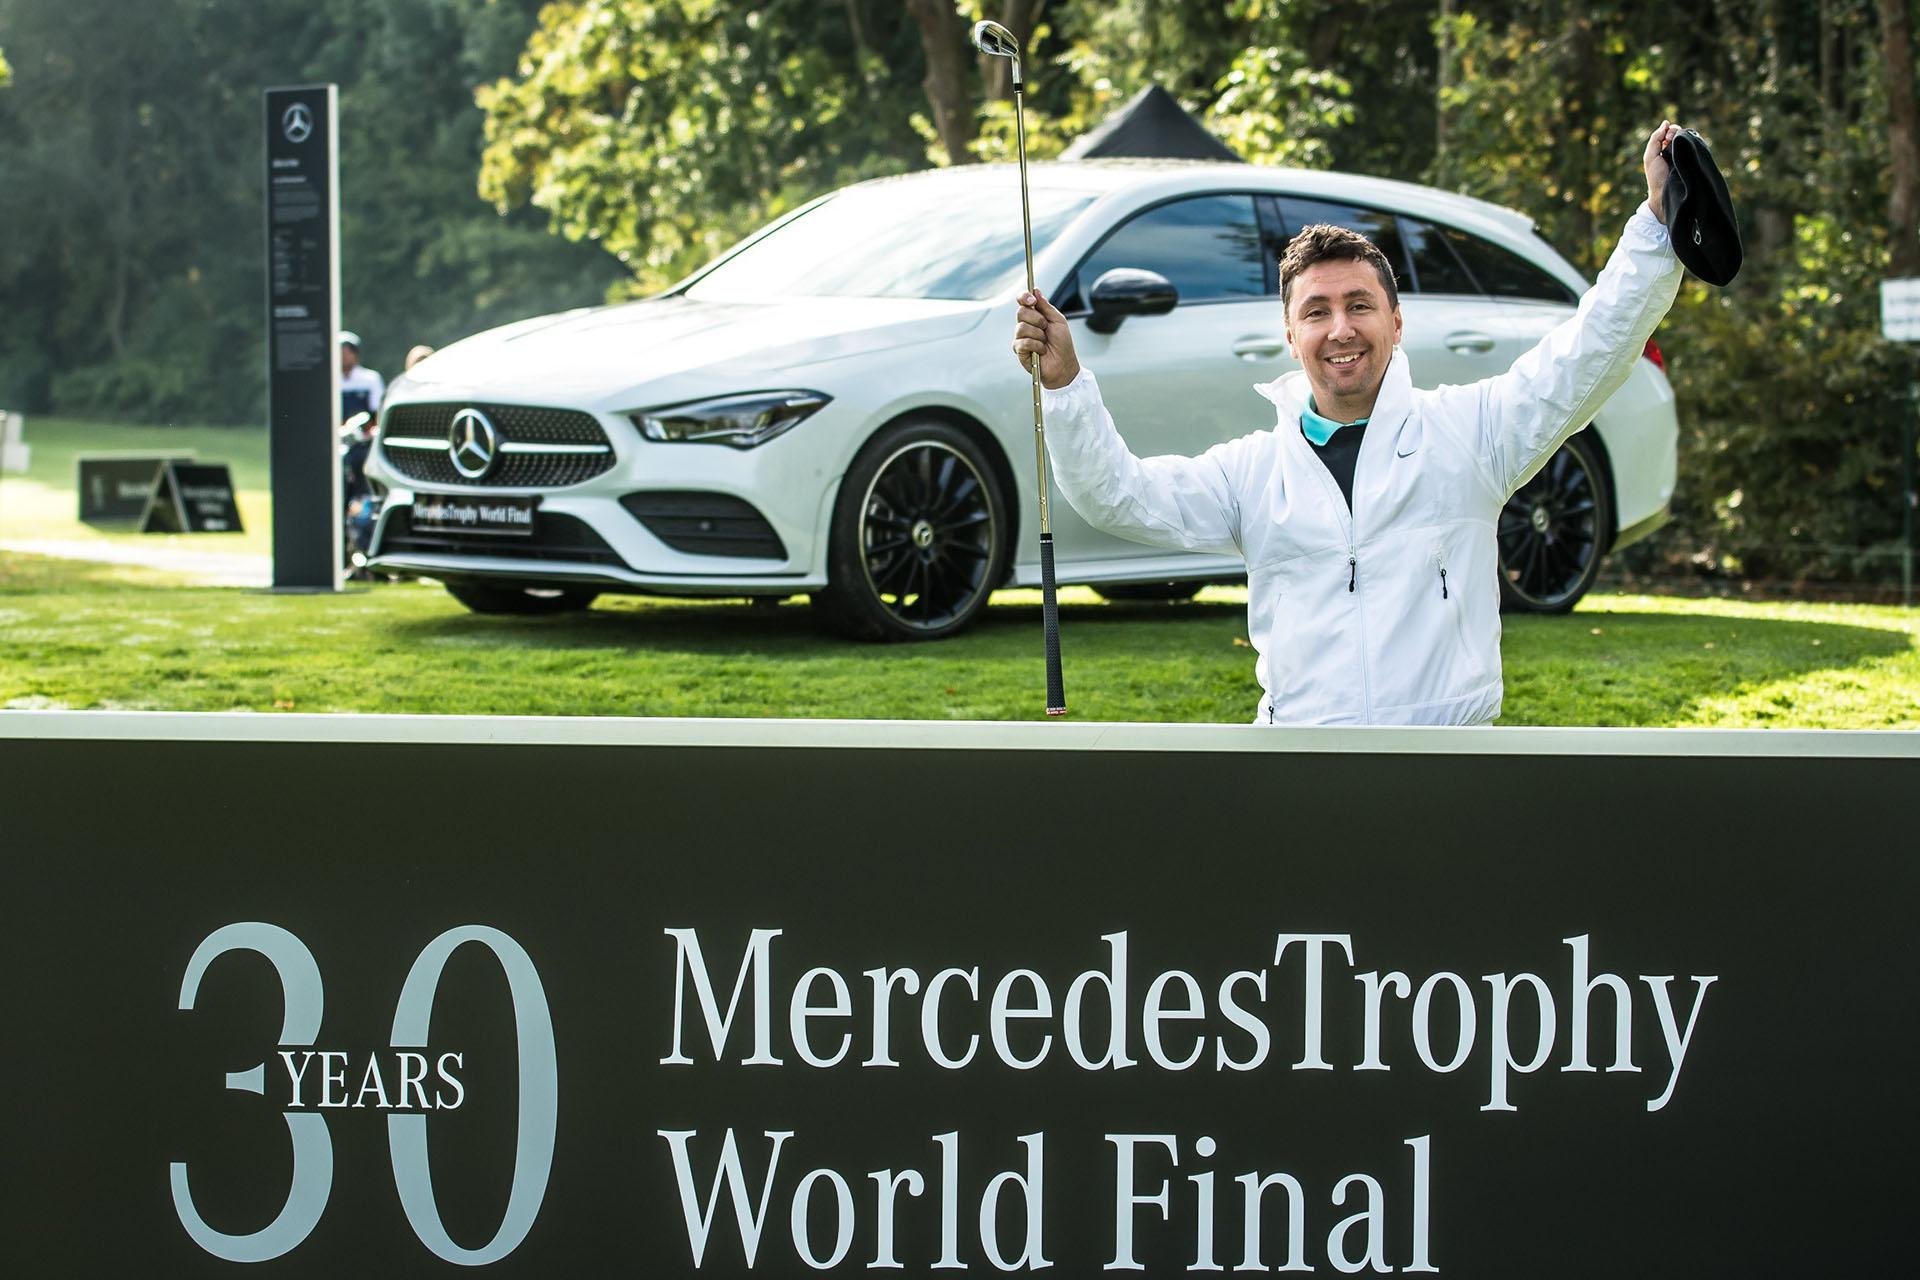 MercedesTrophy World Final